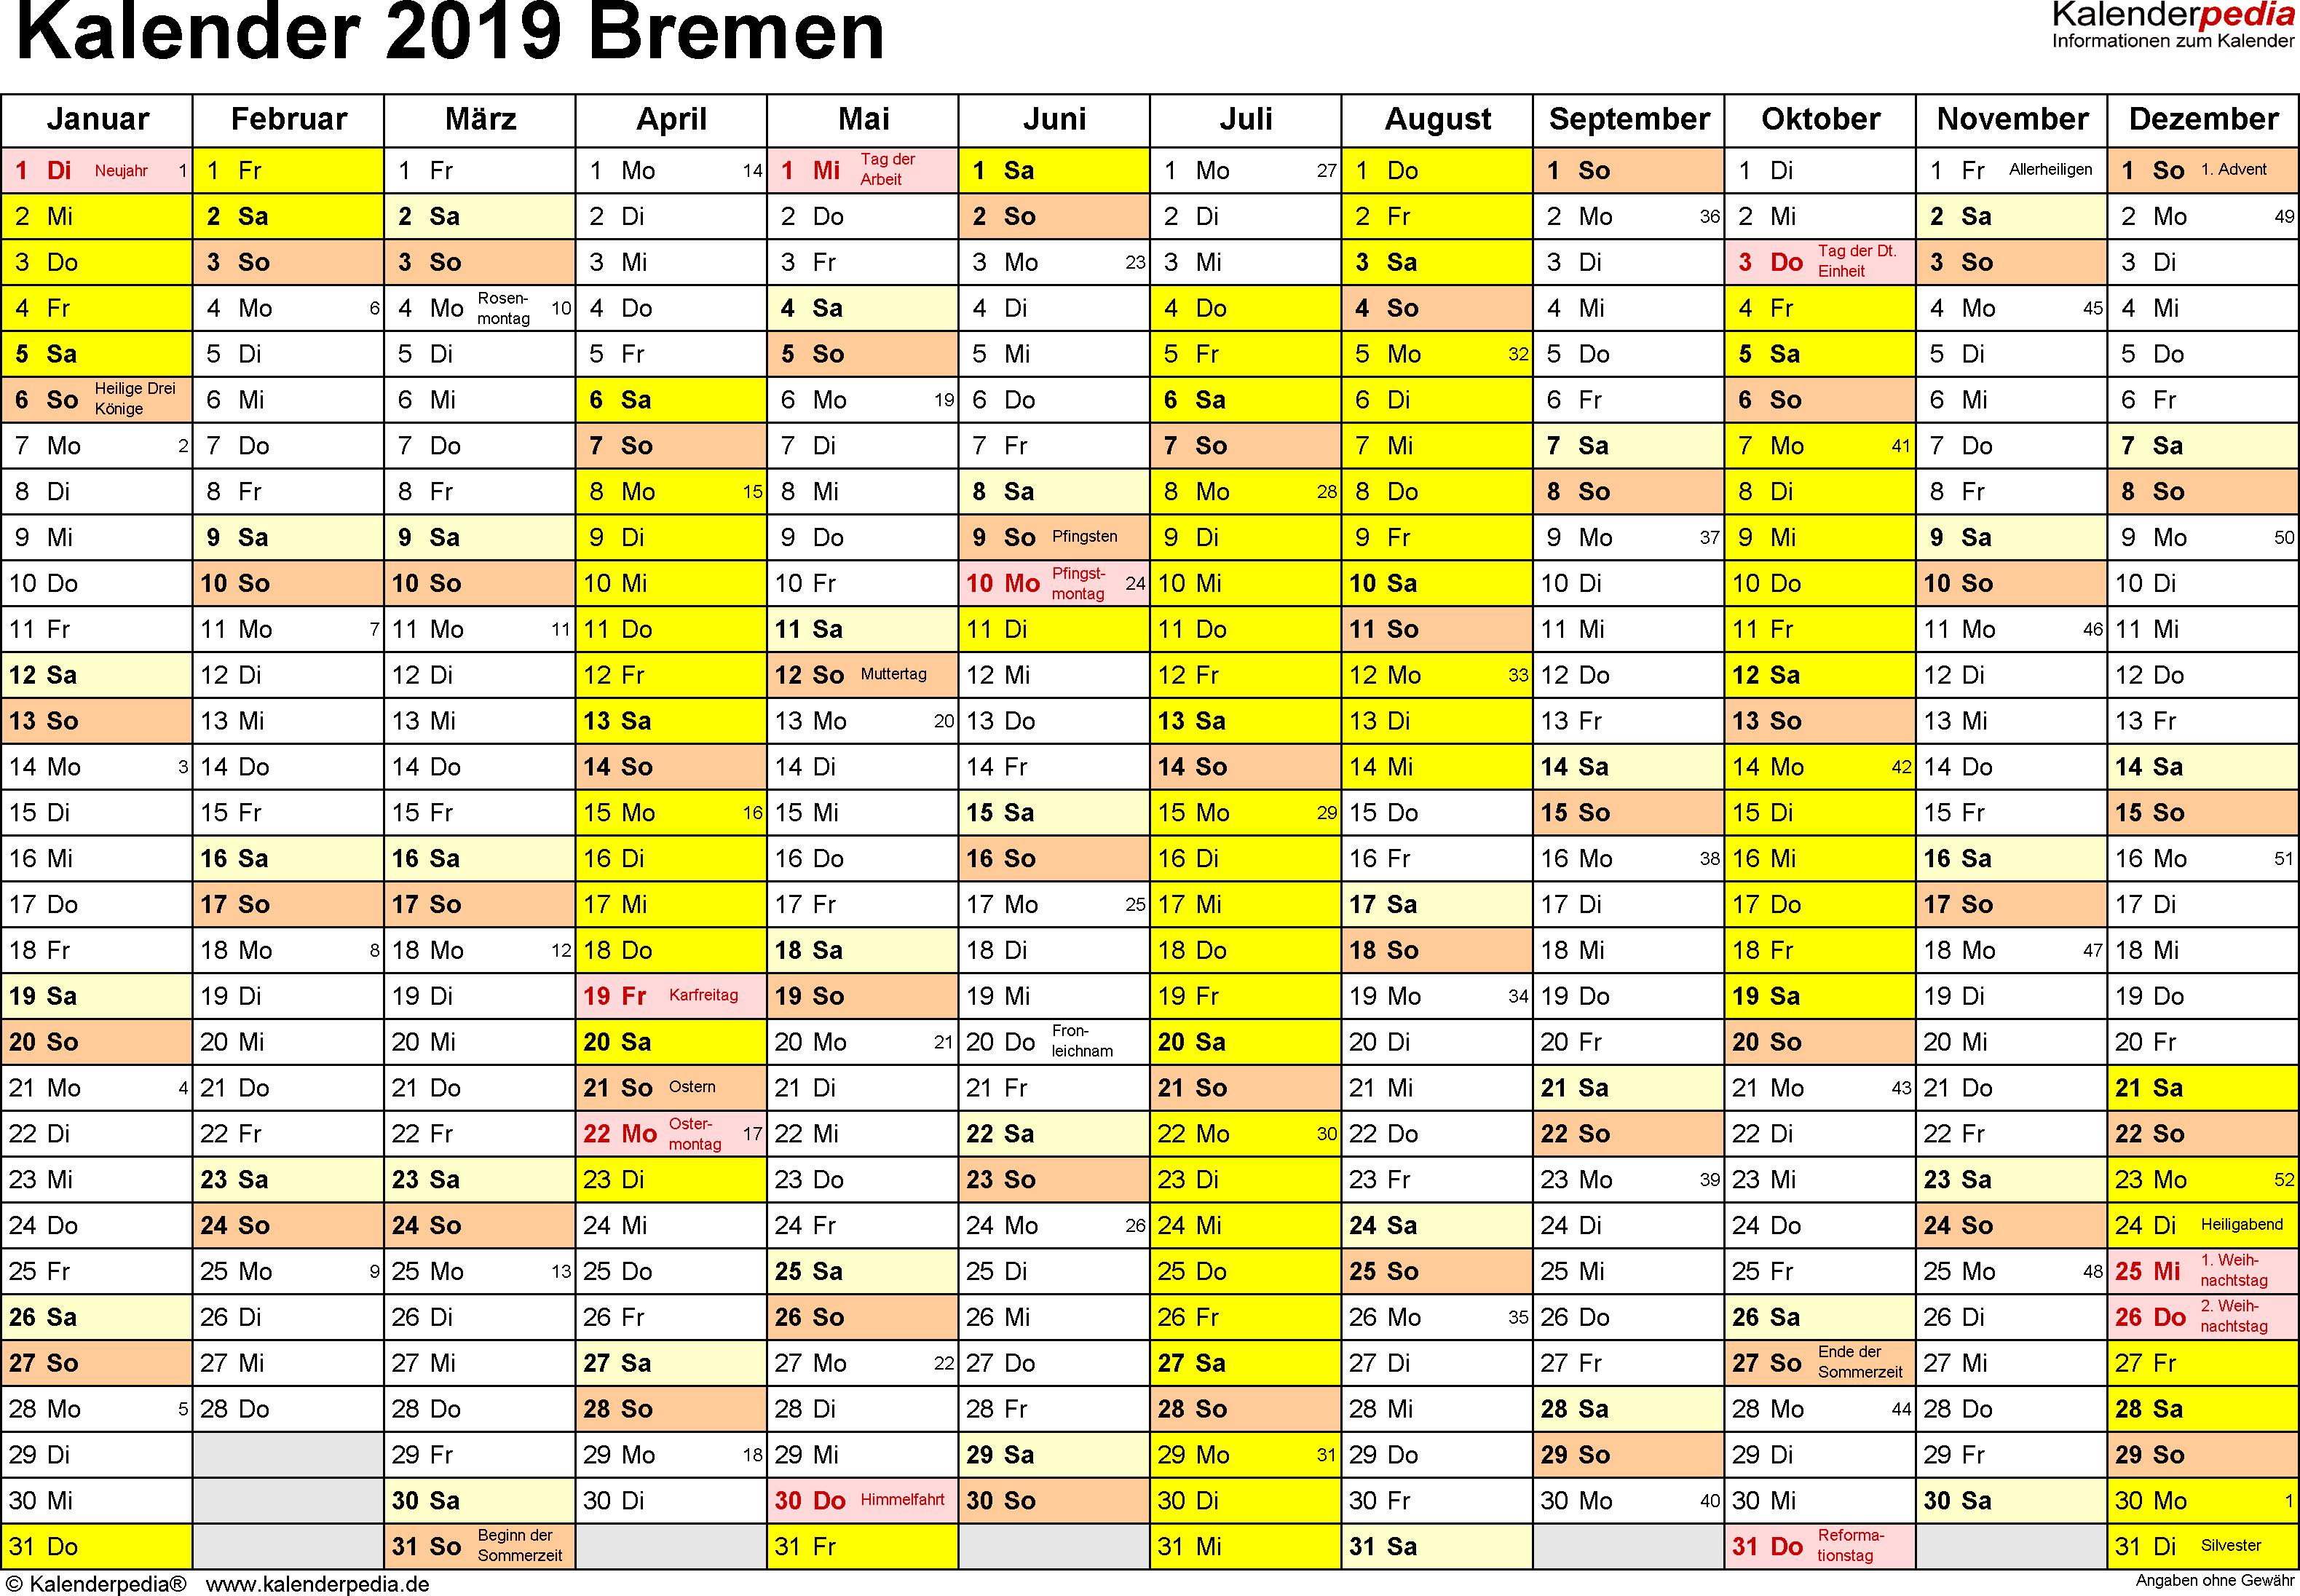 Vorlage 1: Kalender 2019 für Bremen als Excel-Vorlage (Querformat, 1 Seite)